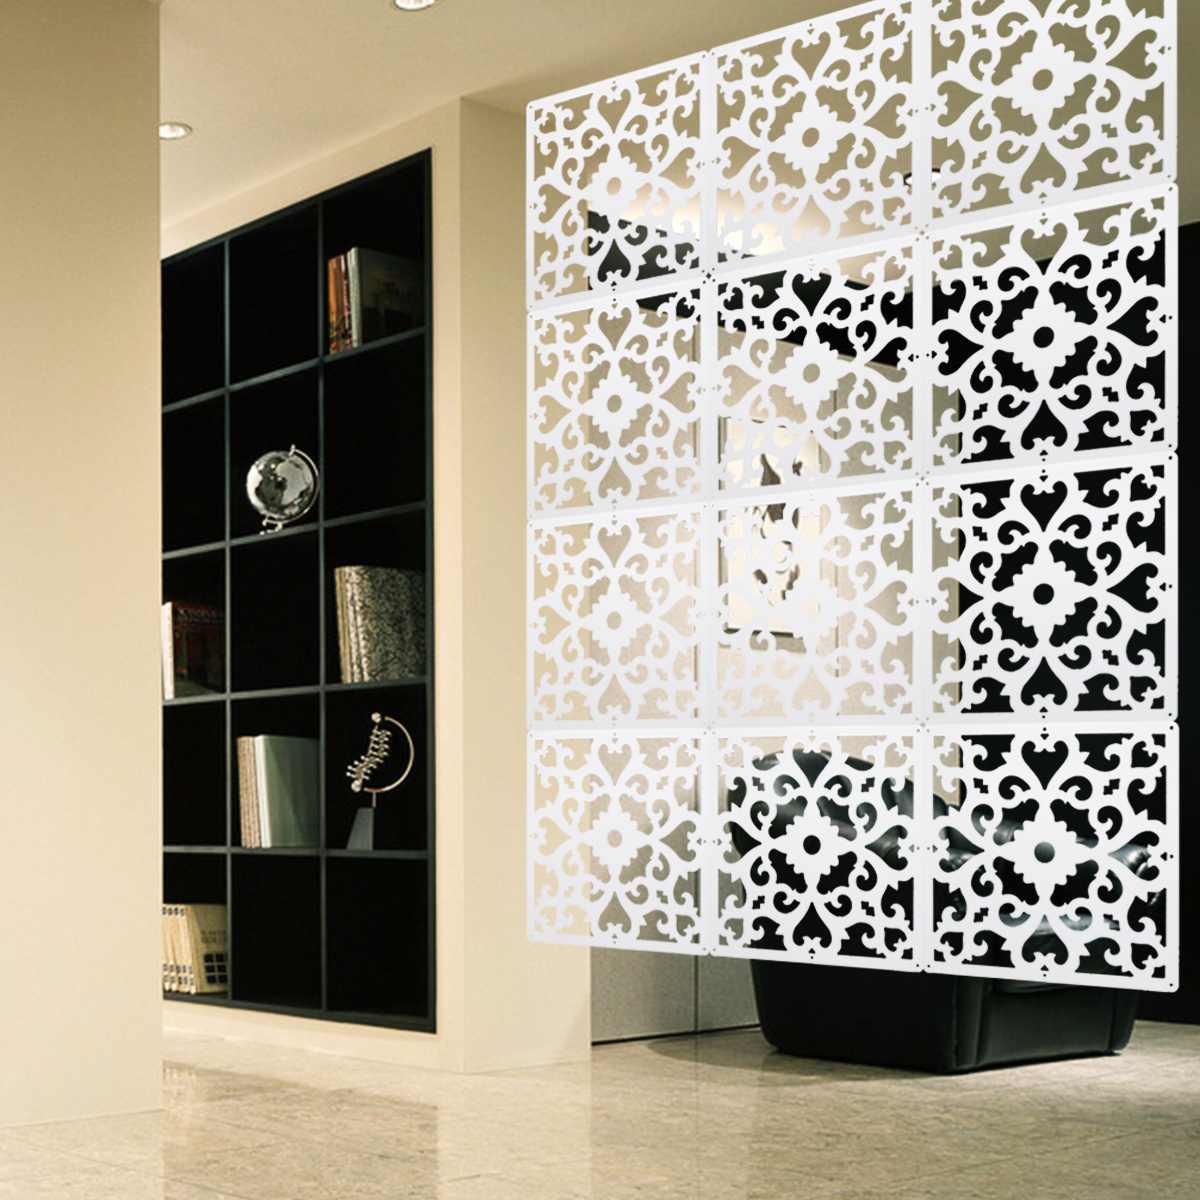 Parede sala de suspensão tela divisor 12 pçs/lote pvc cortina painéis divisórias esculpida divisão espaço decoração para casa artesanato